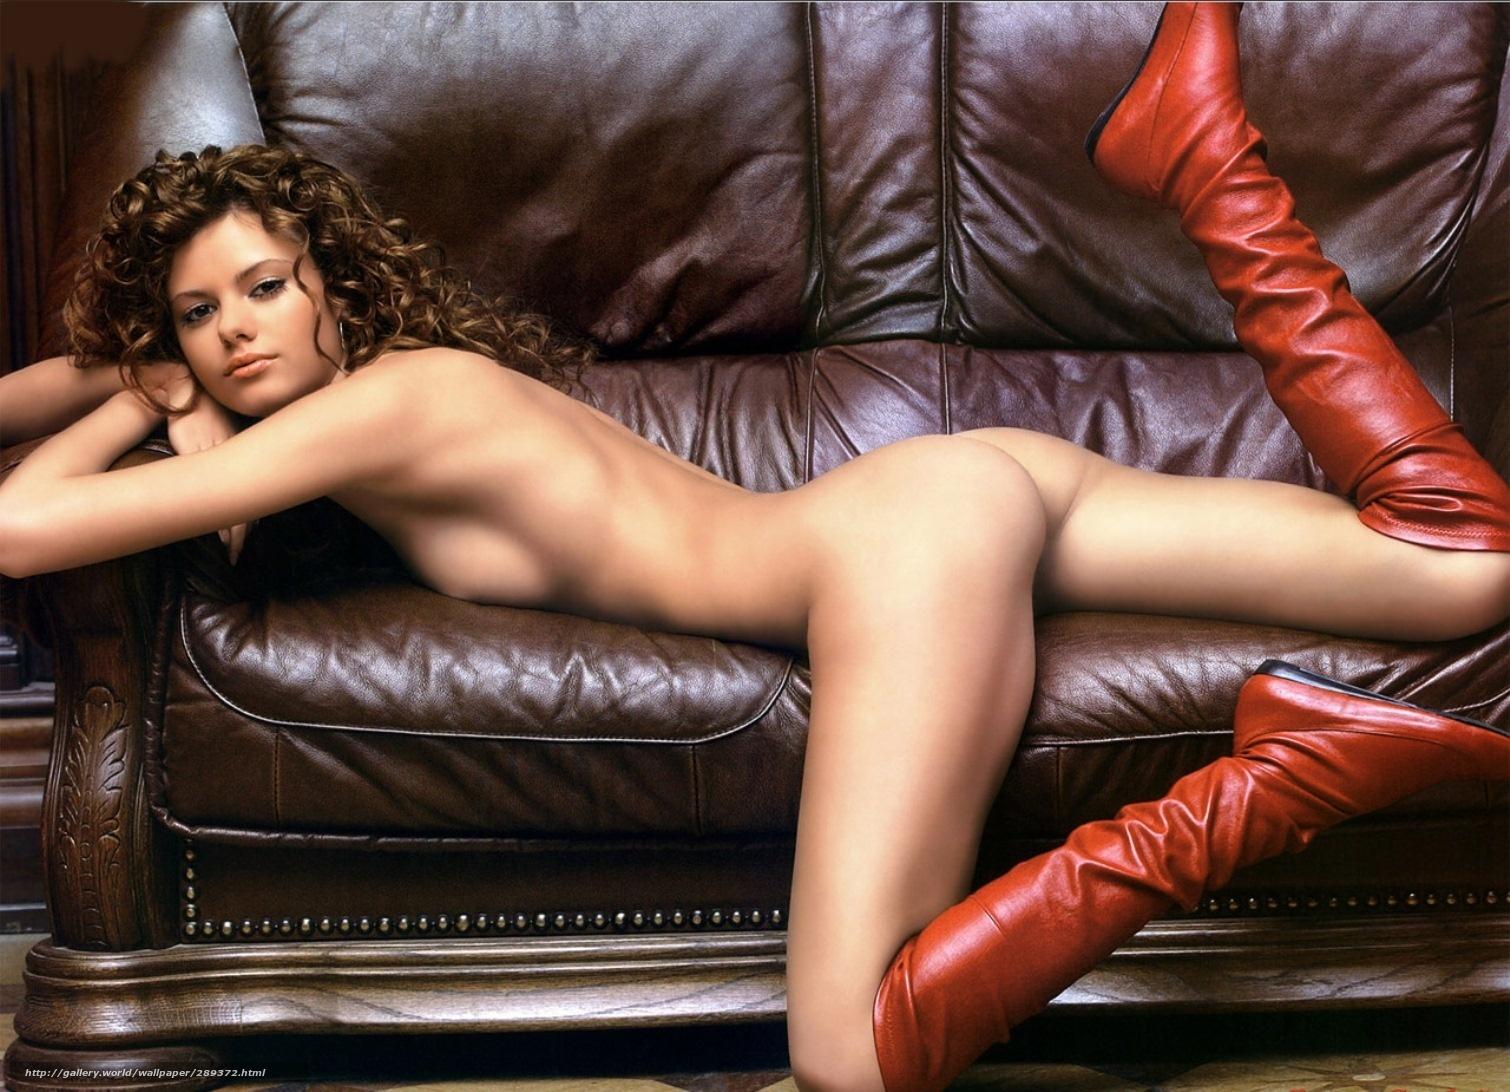 Рыжая и красивая толстушка позирует на диване 9 фотография